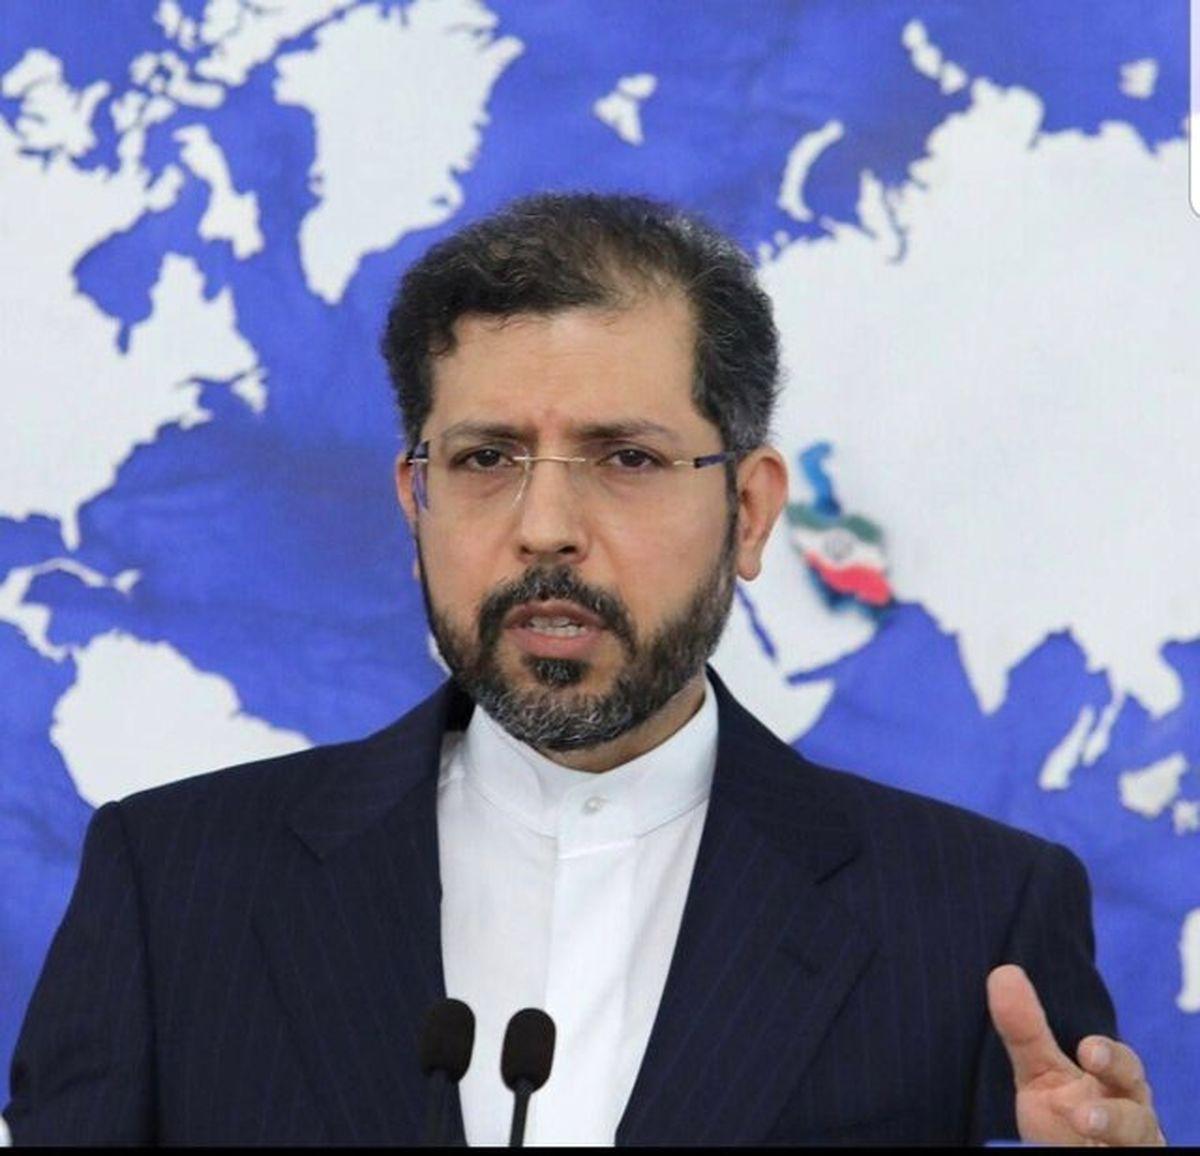 رهبران افغانستان با تشکیل دولتی فراگیر به درد و رنج مردم خود پایان دهند